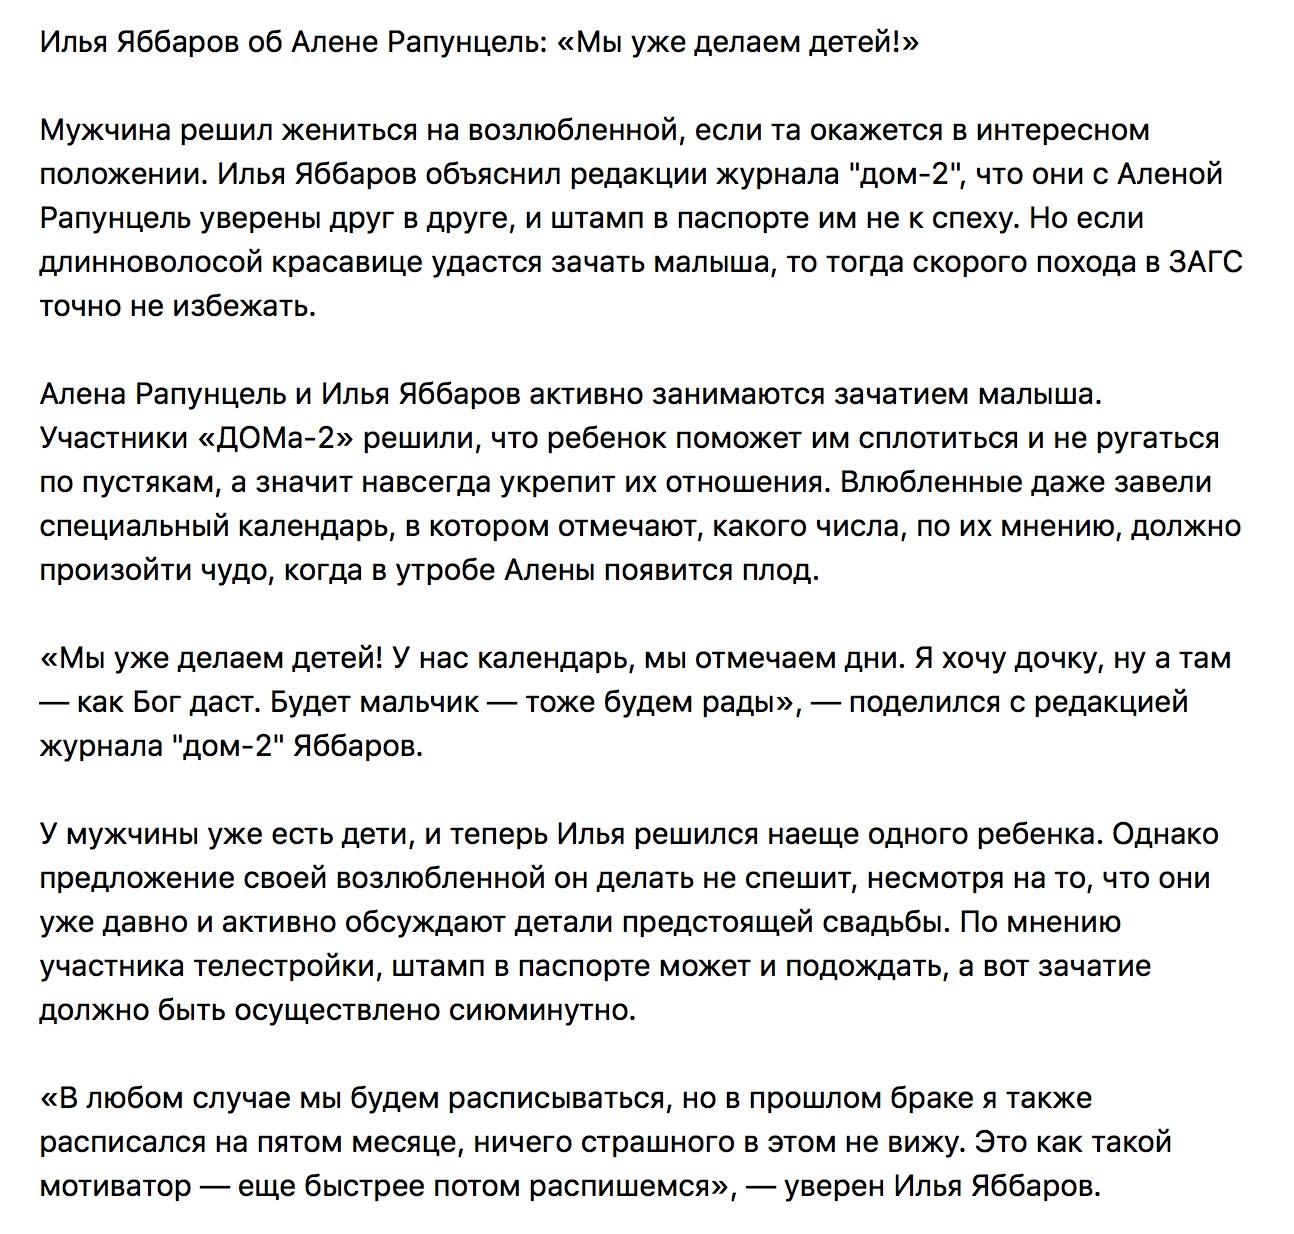 Илья Яббаров и Алена Рапунцель делают детей